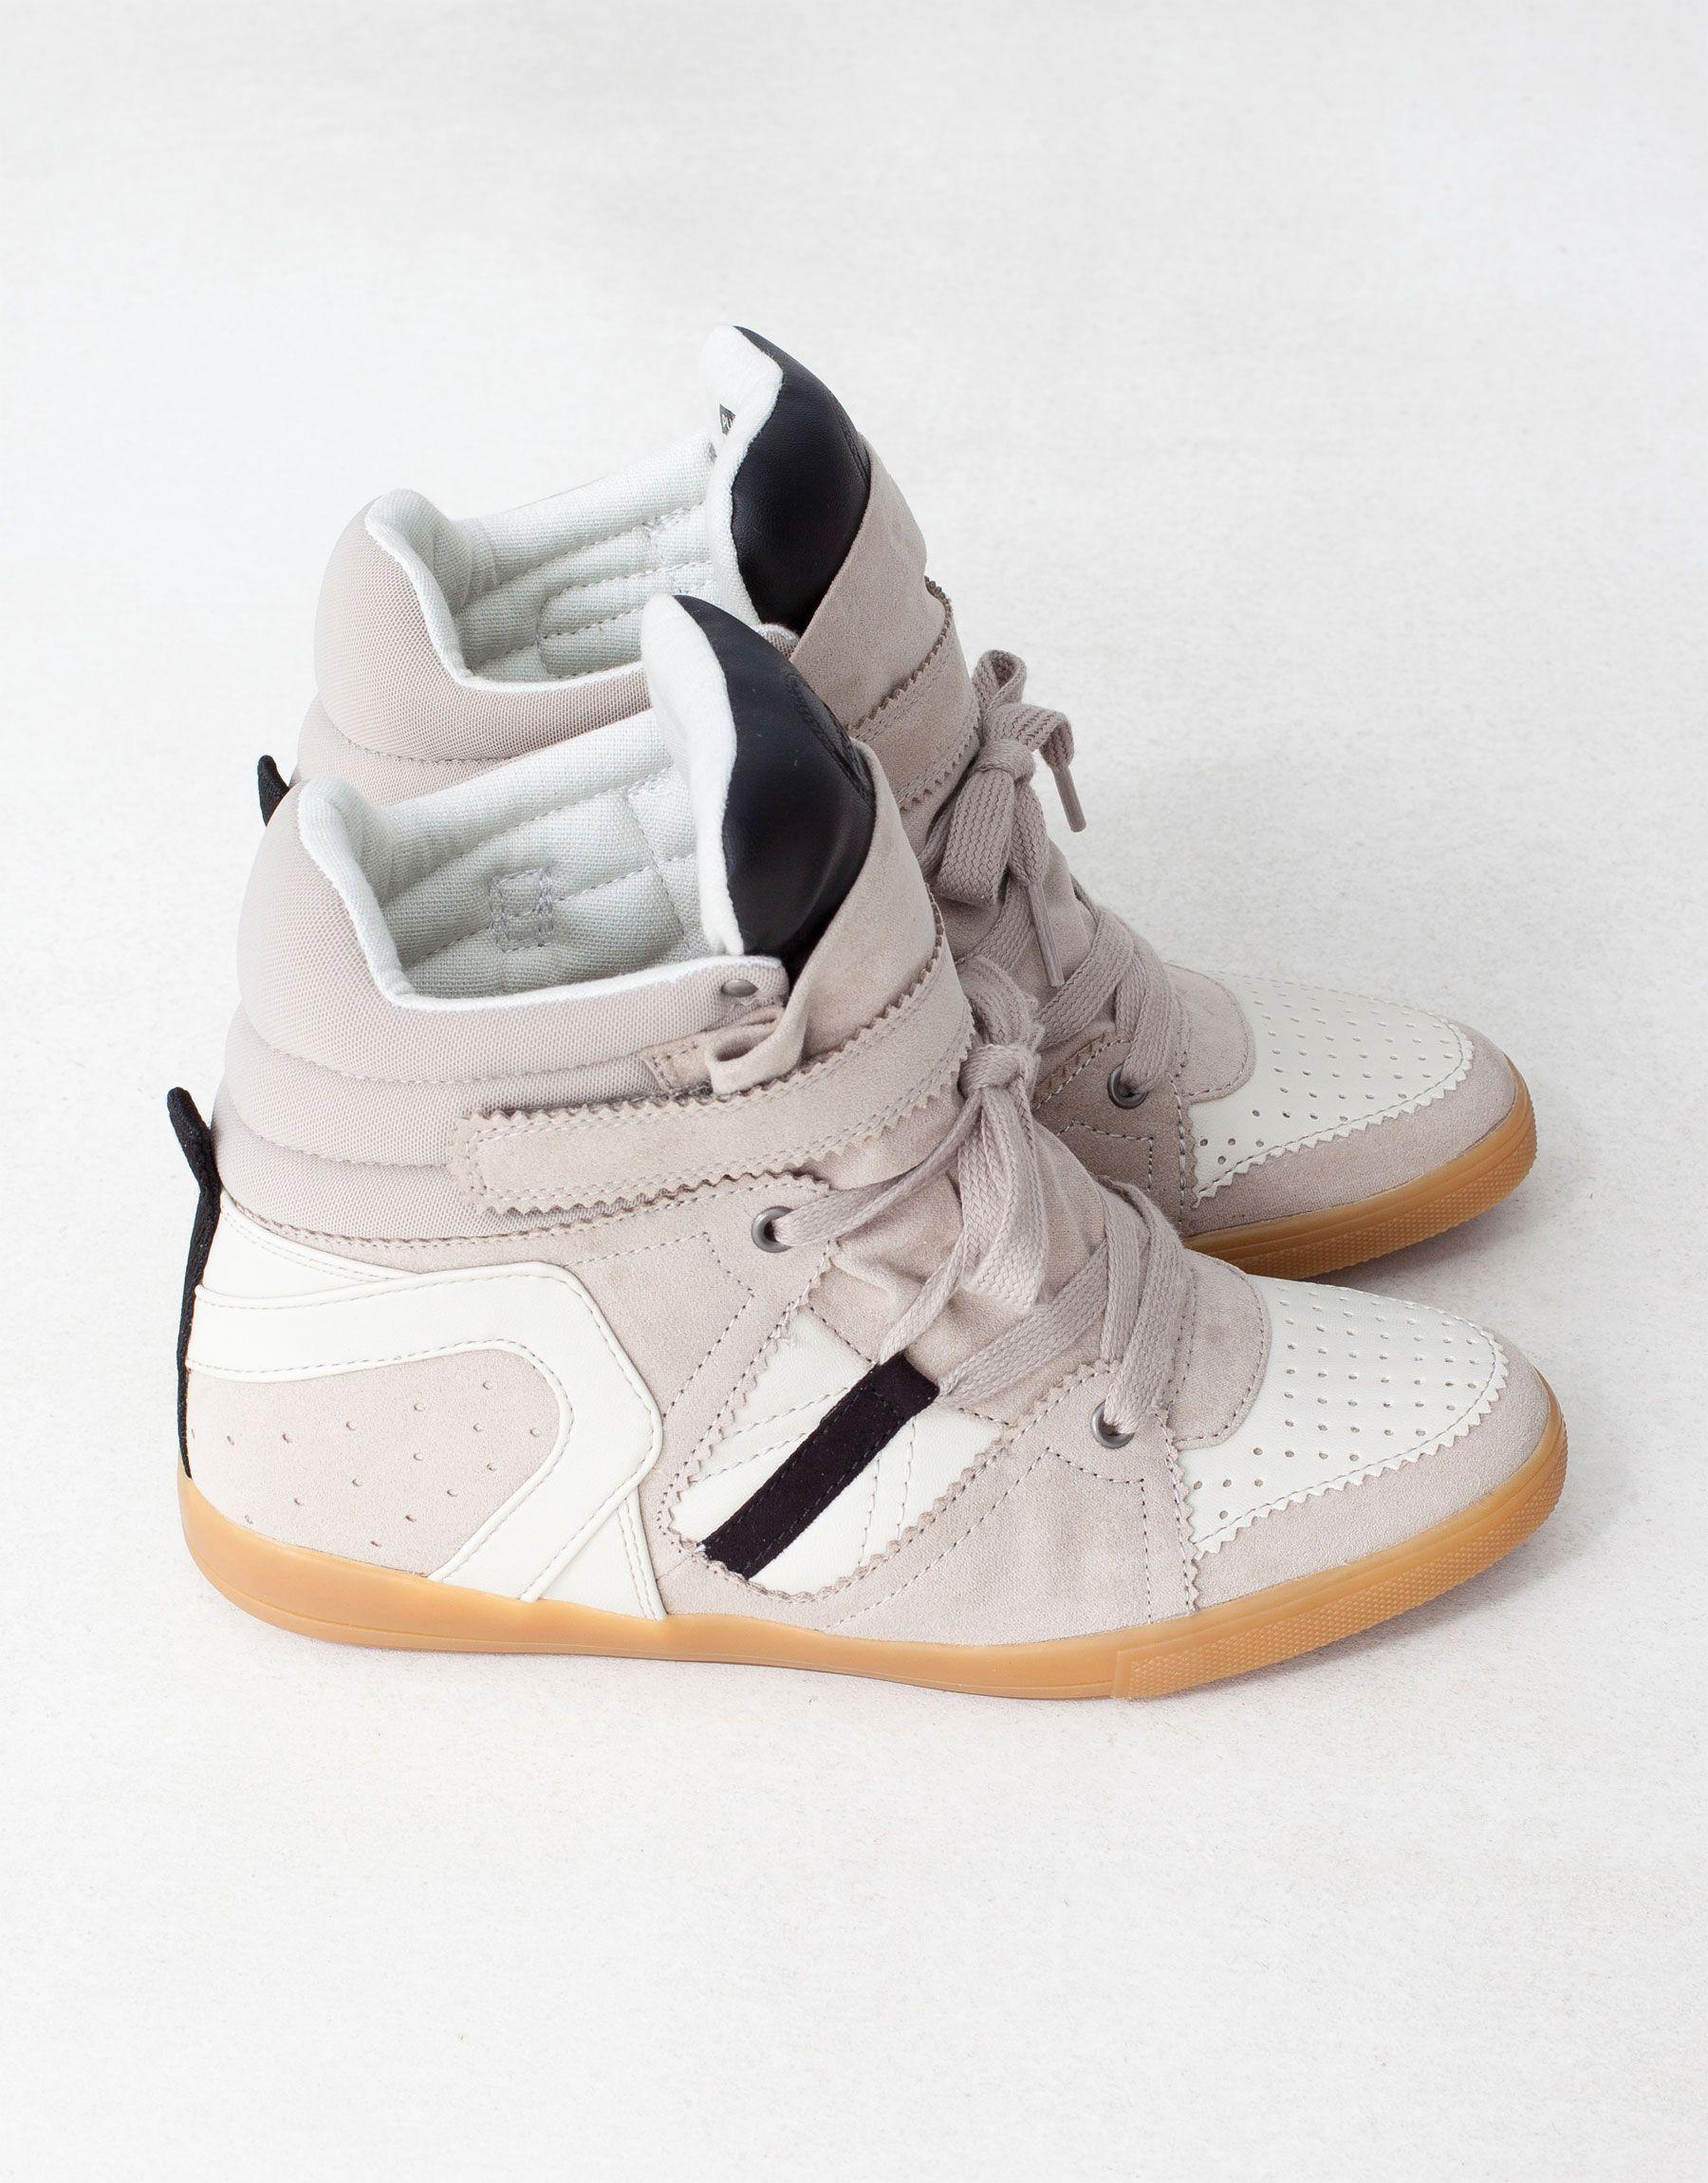 Sneakers femme talon